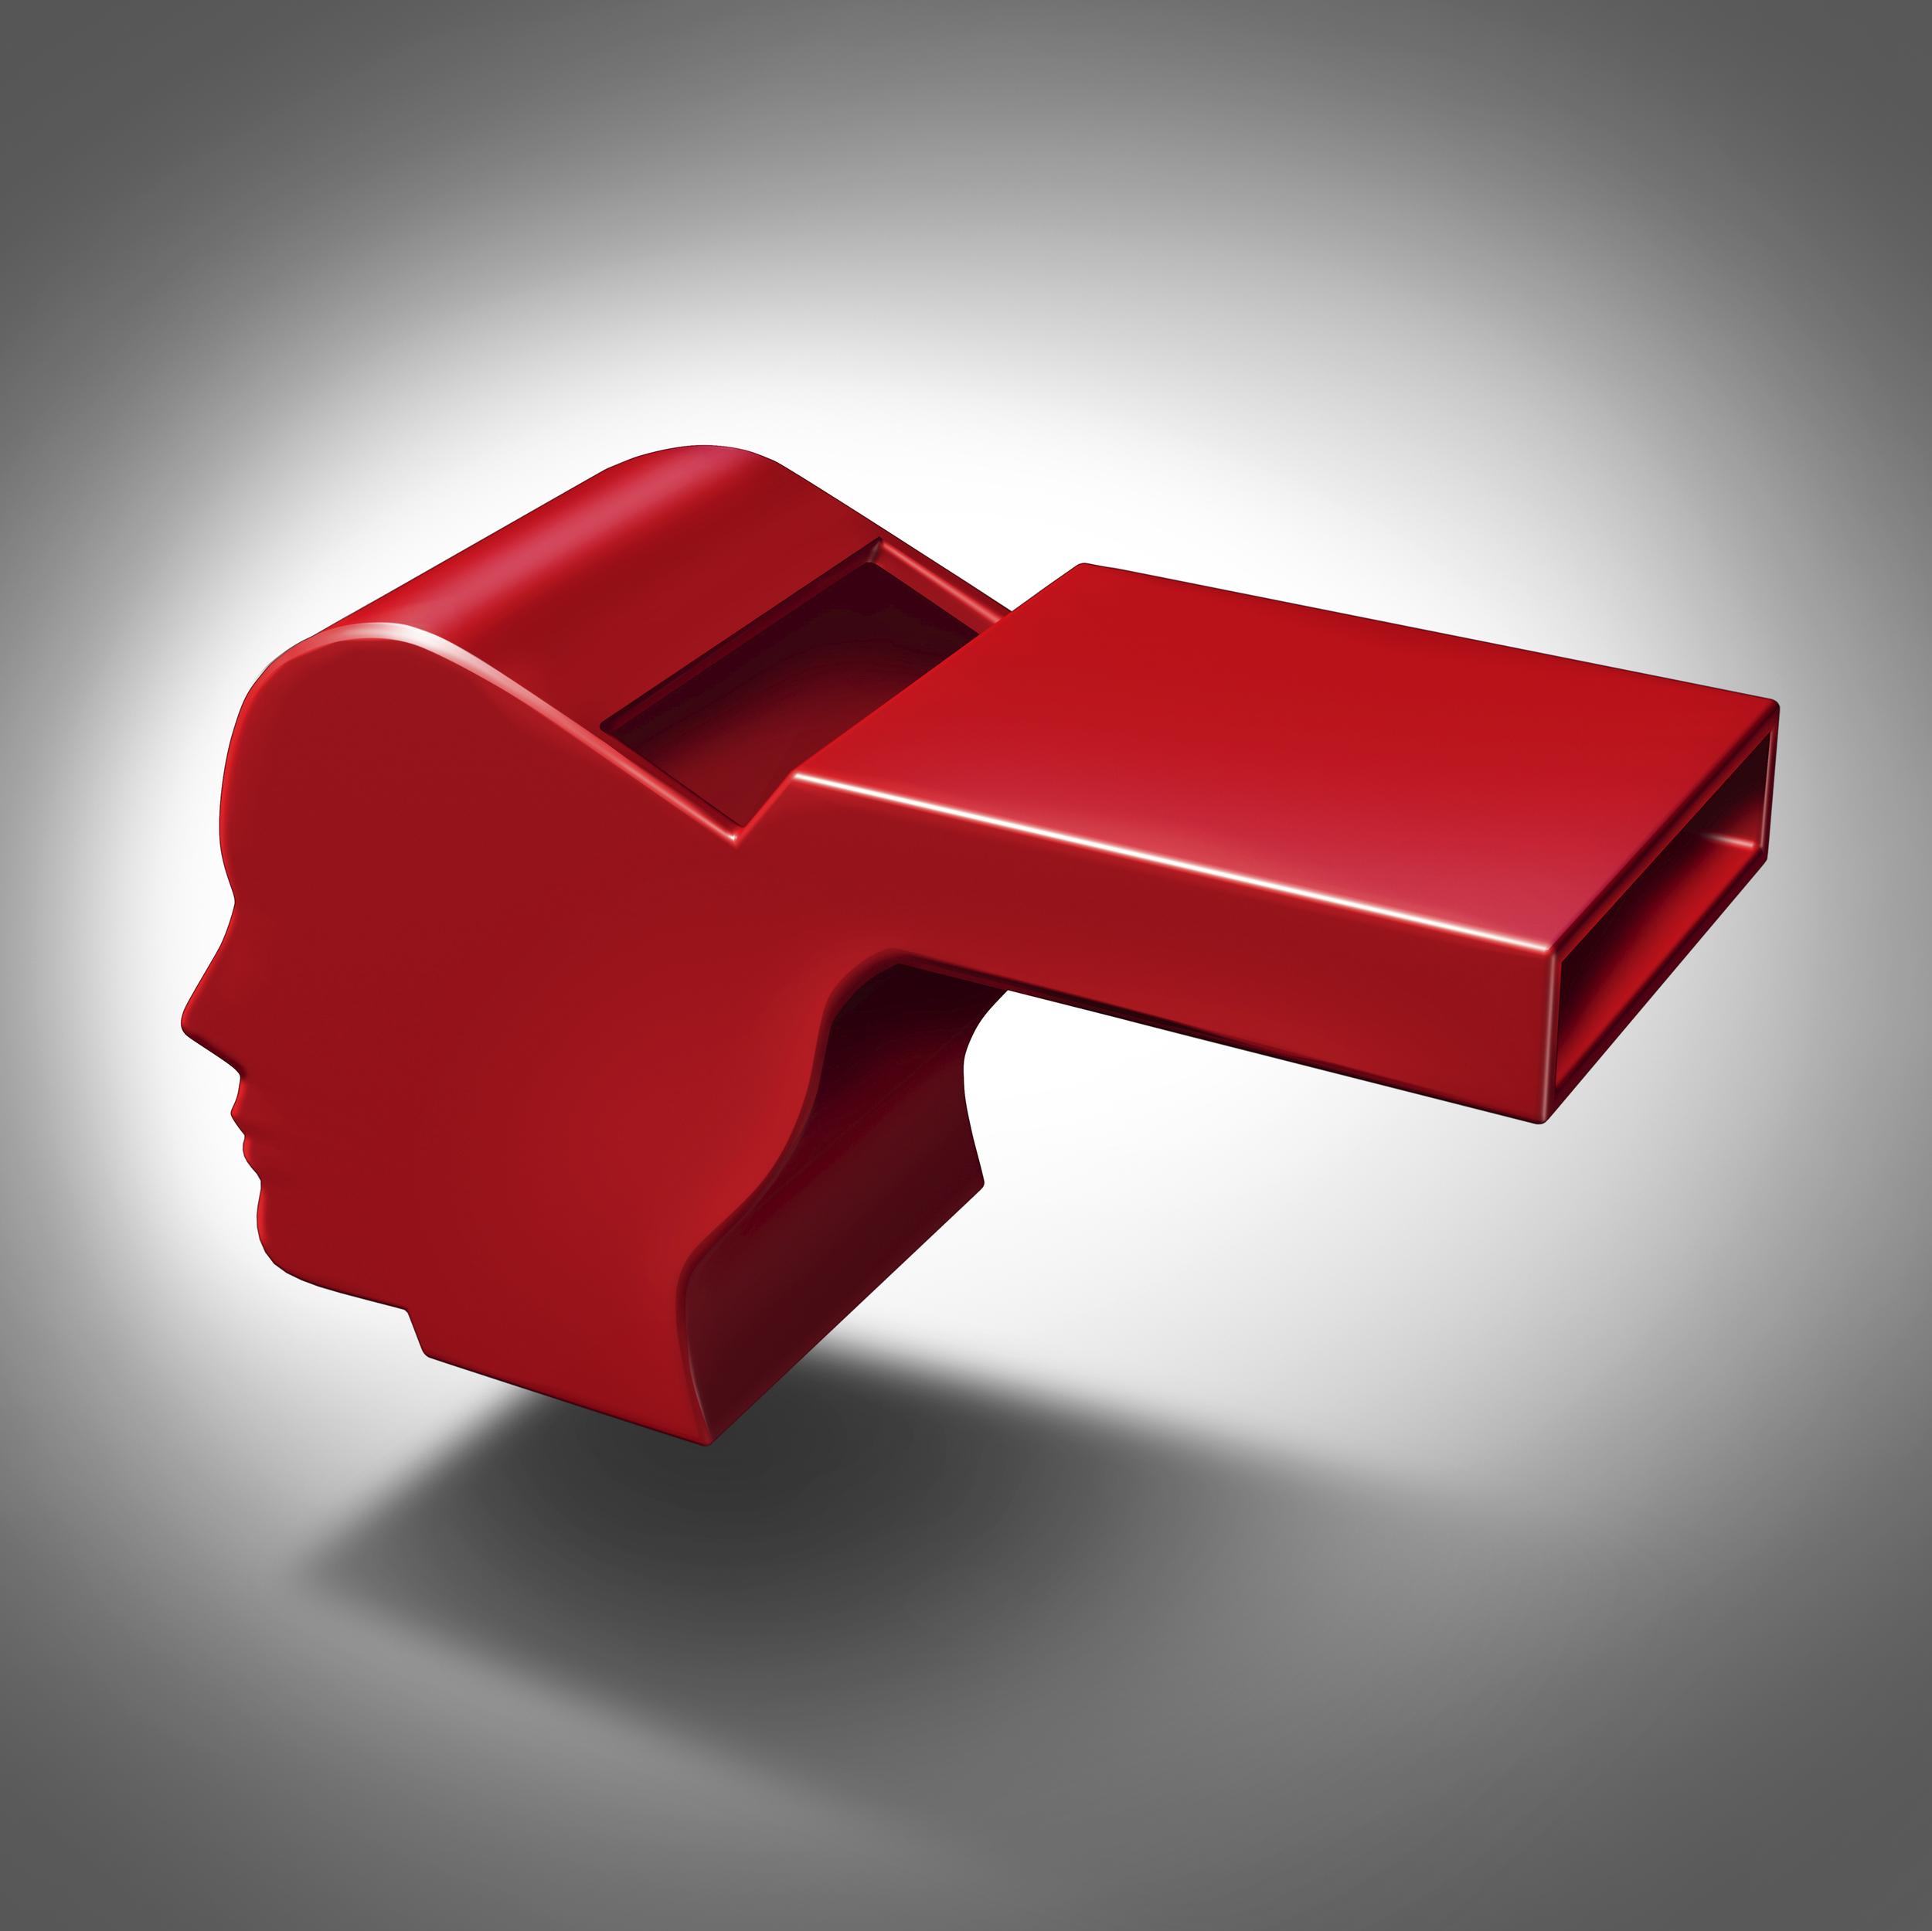 Red Whistle iStock_000041951686_Full.jpg